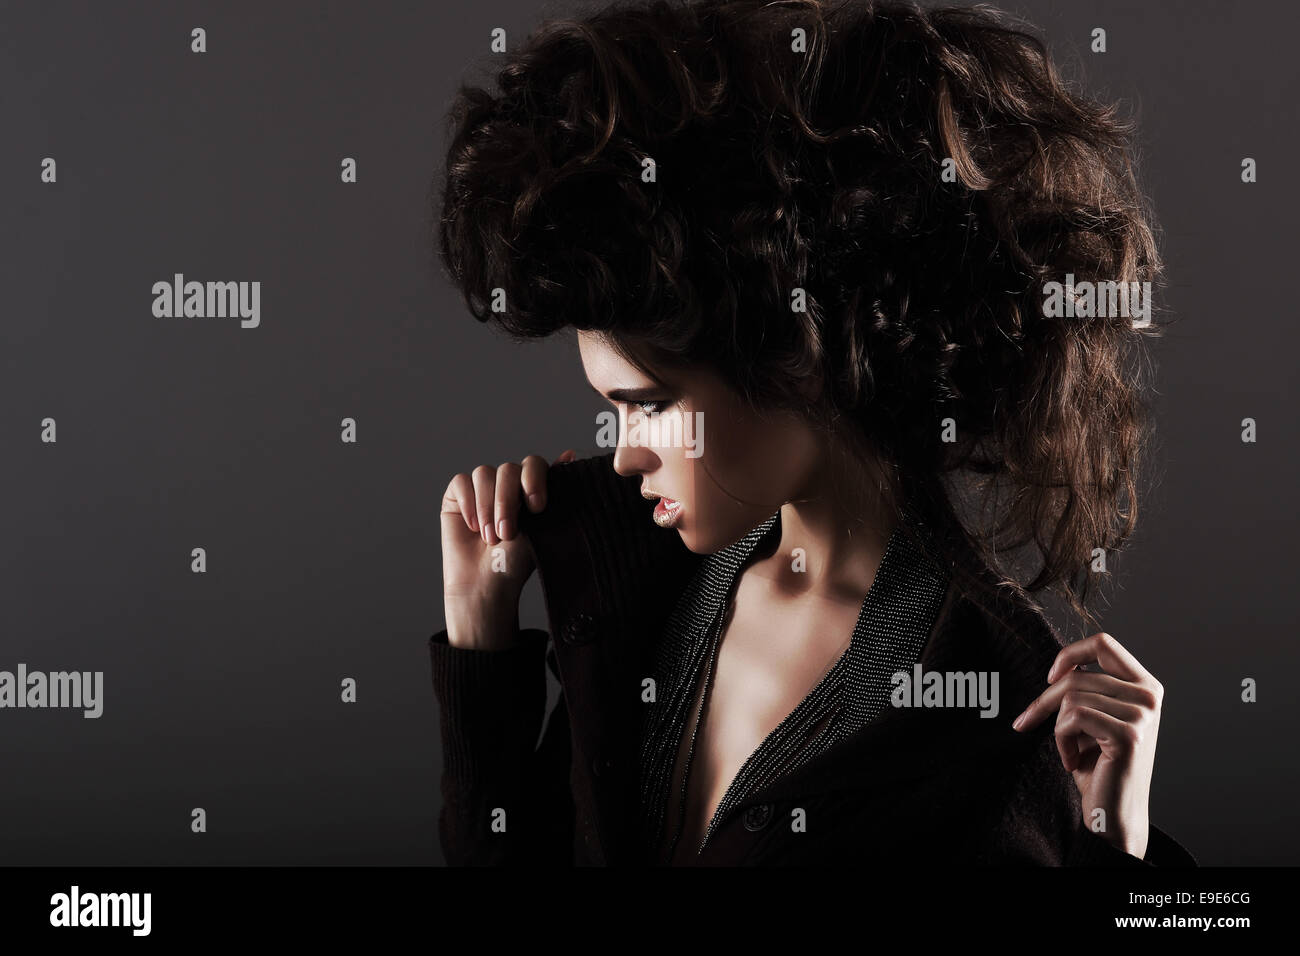 Updo. Femme de style excentrique avec poils frisés Photo Stock